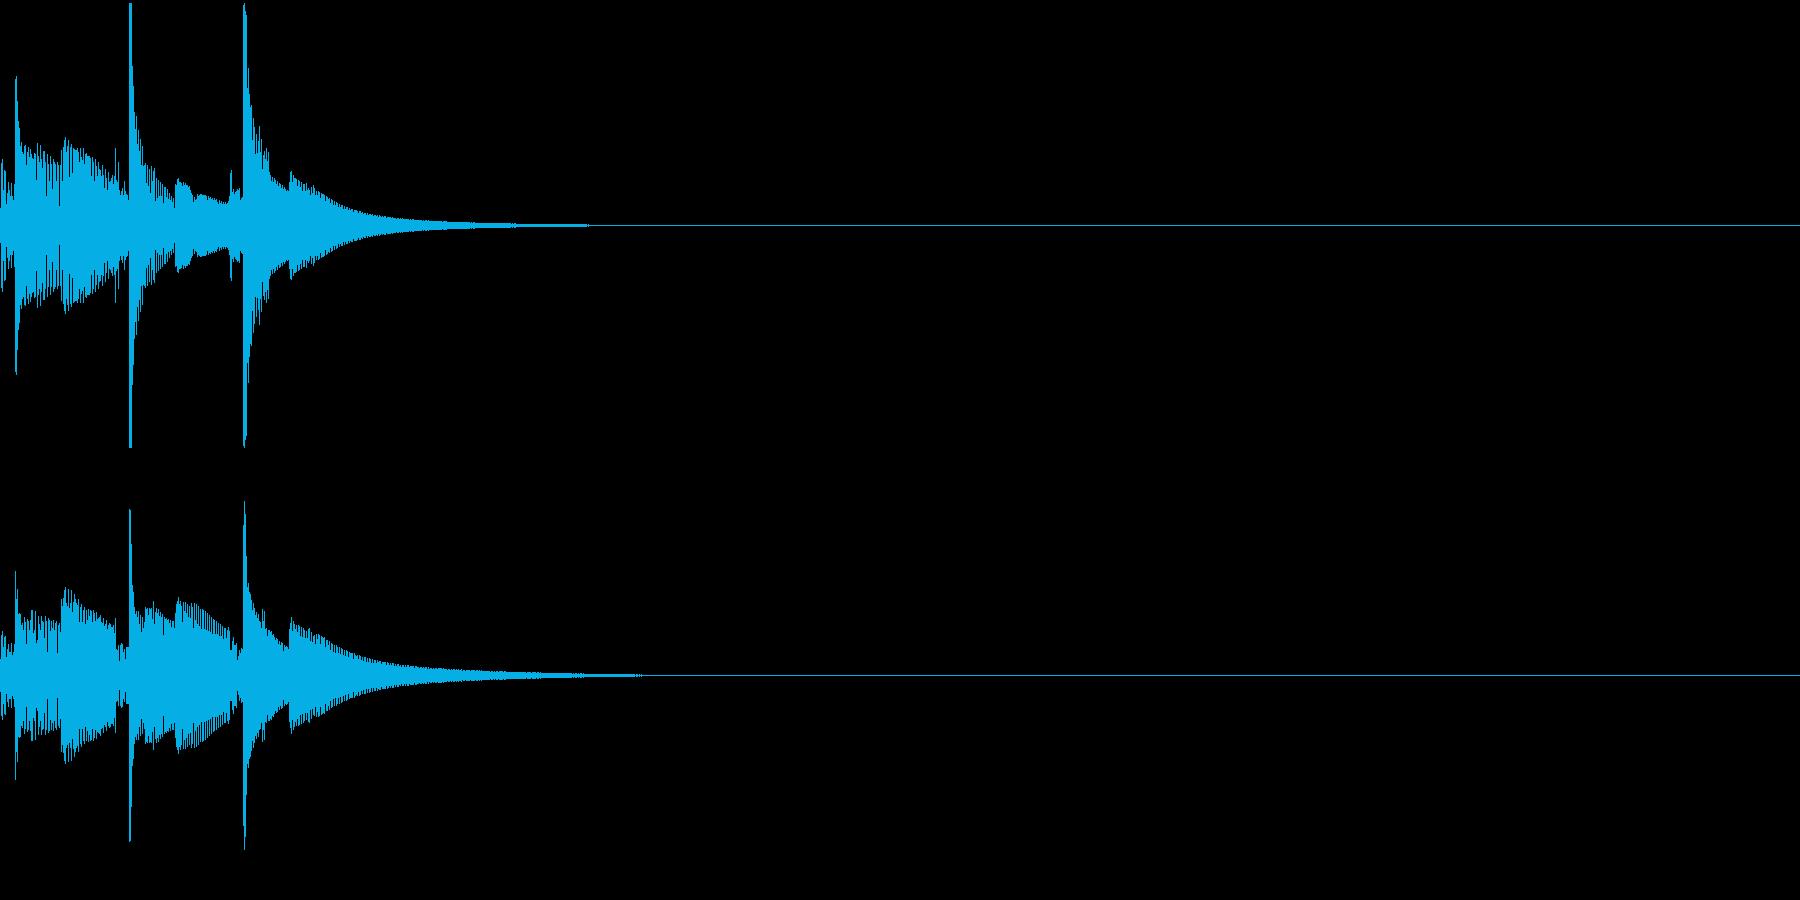 決済やコマンドの承認音 ピコピコの再生済みの波形